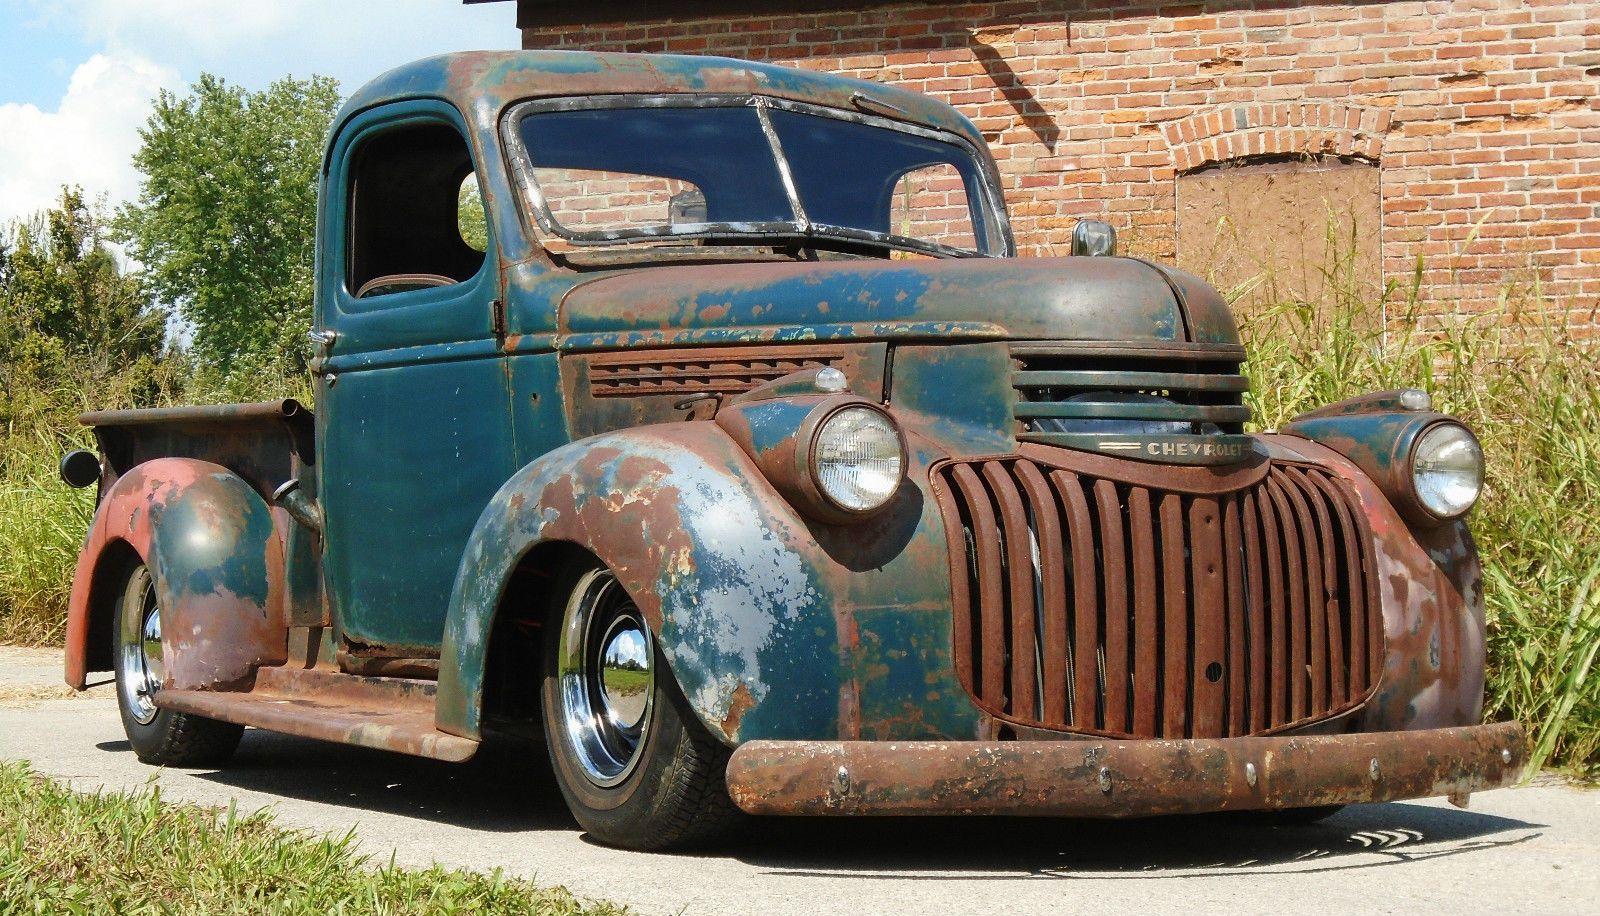 A Sweet 1945 Classic Cars Trucks Old Ford Trucks Vintage Pickup Trucks